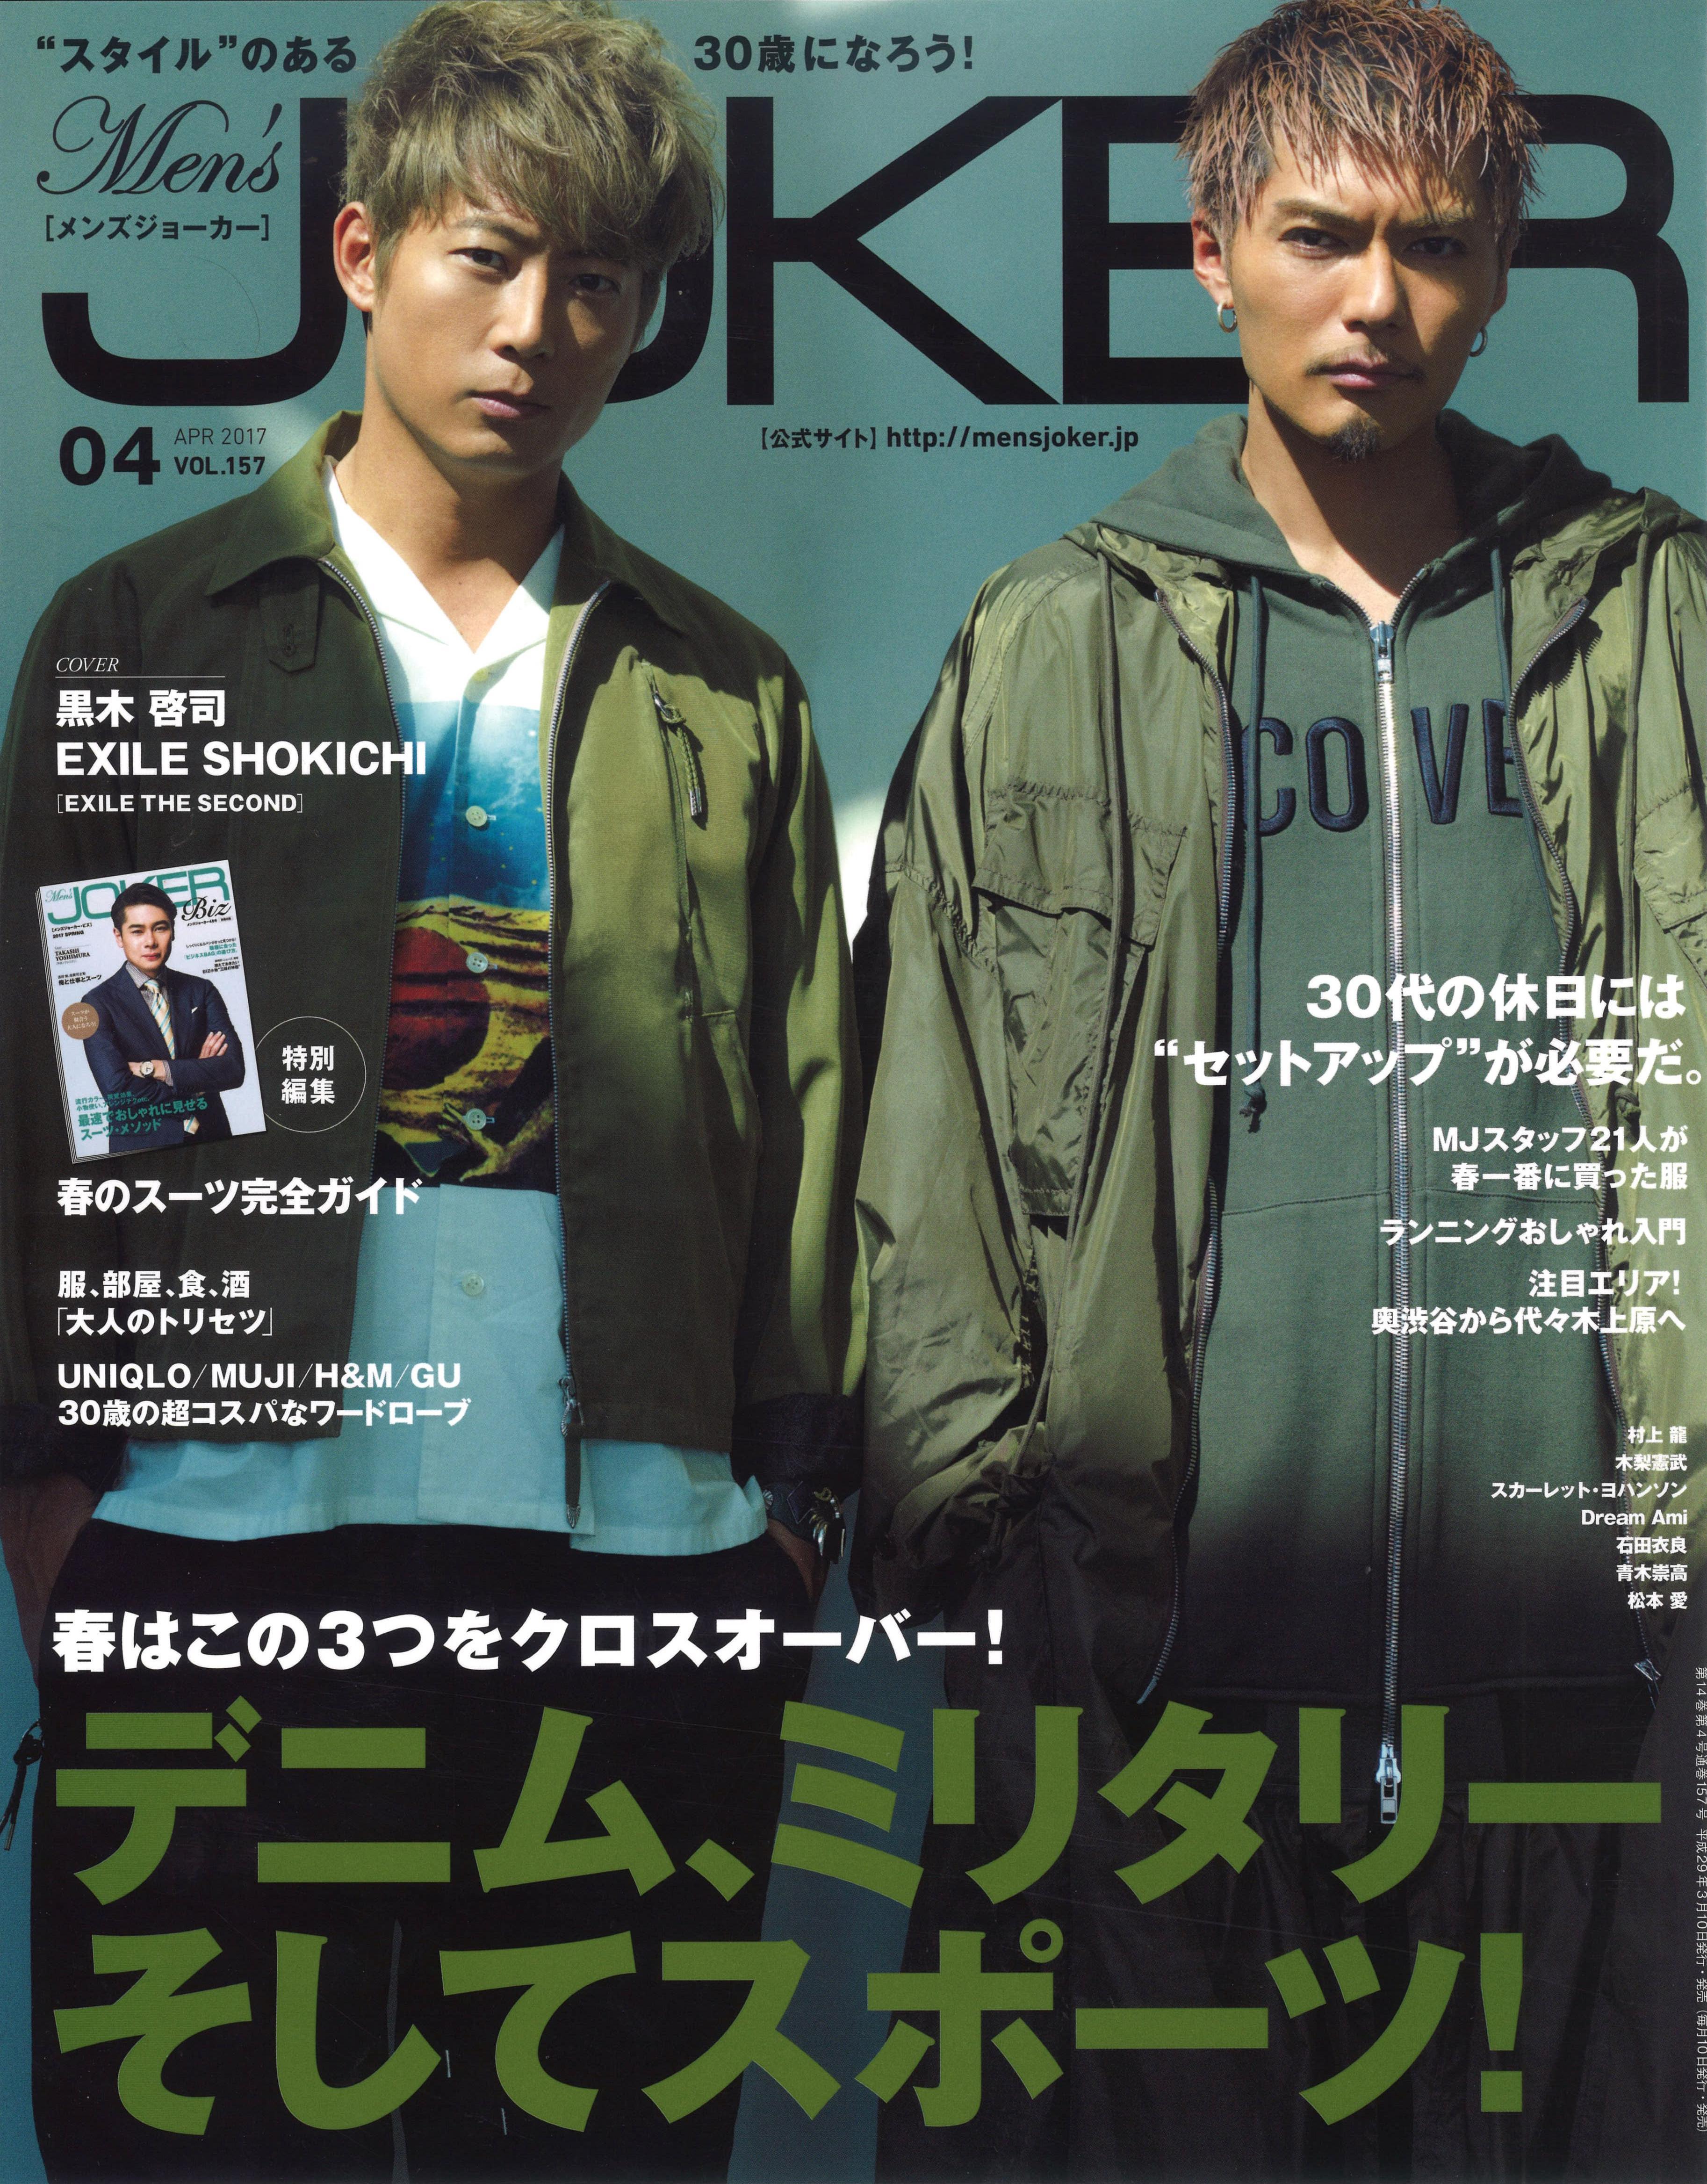 [掲載情報]Men's JOKER 4月号